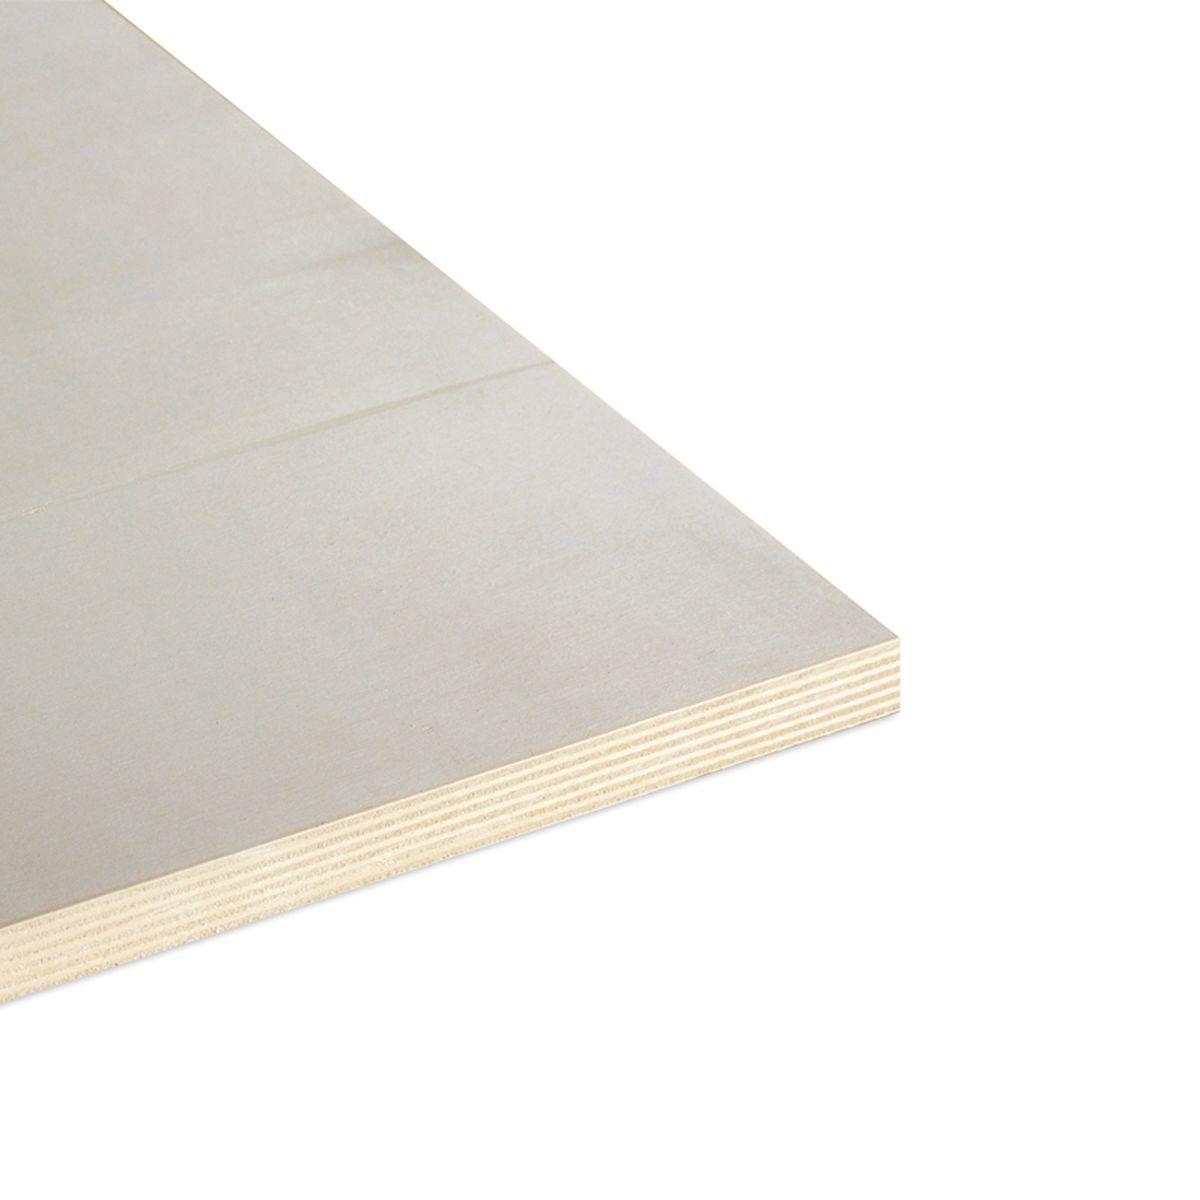 Pannello compensato multistrato pioppo 30 mm al taglio for Copriwater leroy merlin